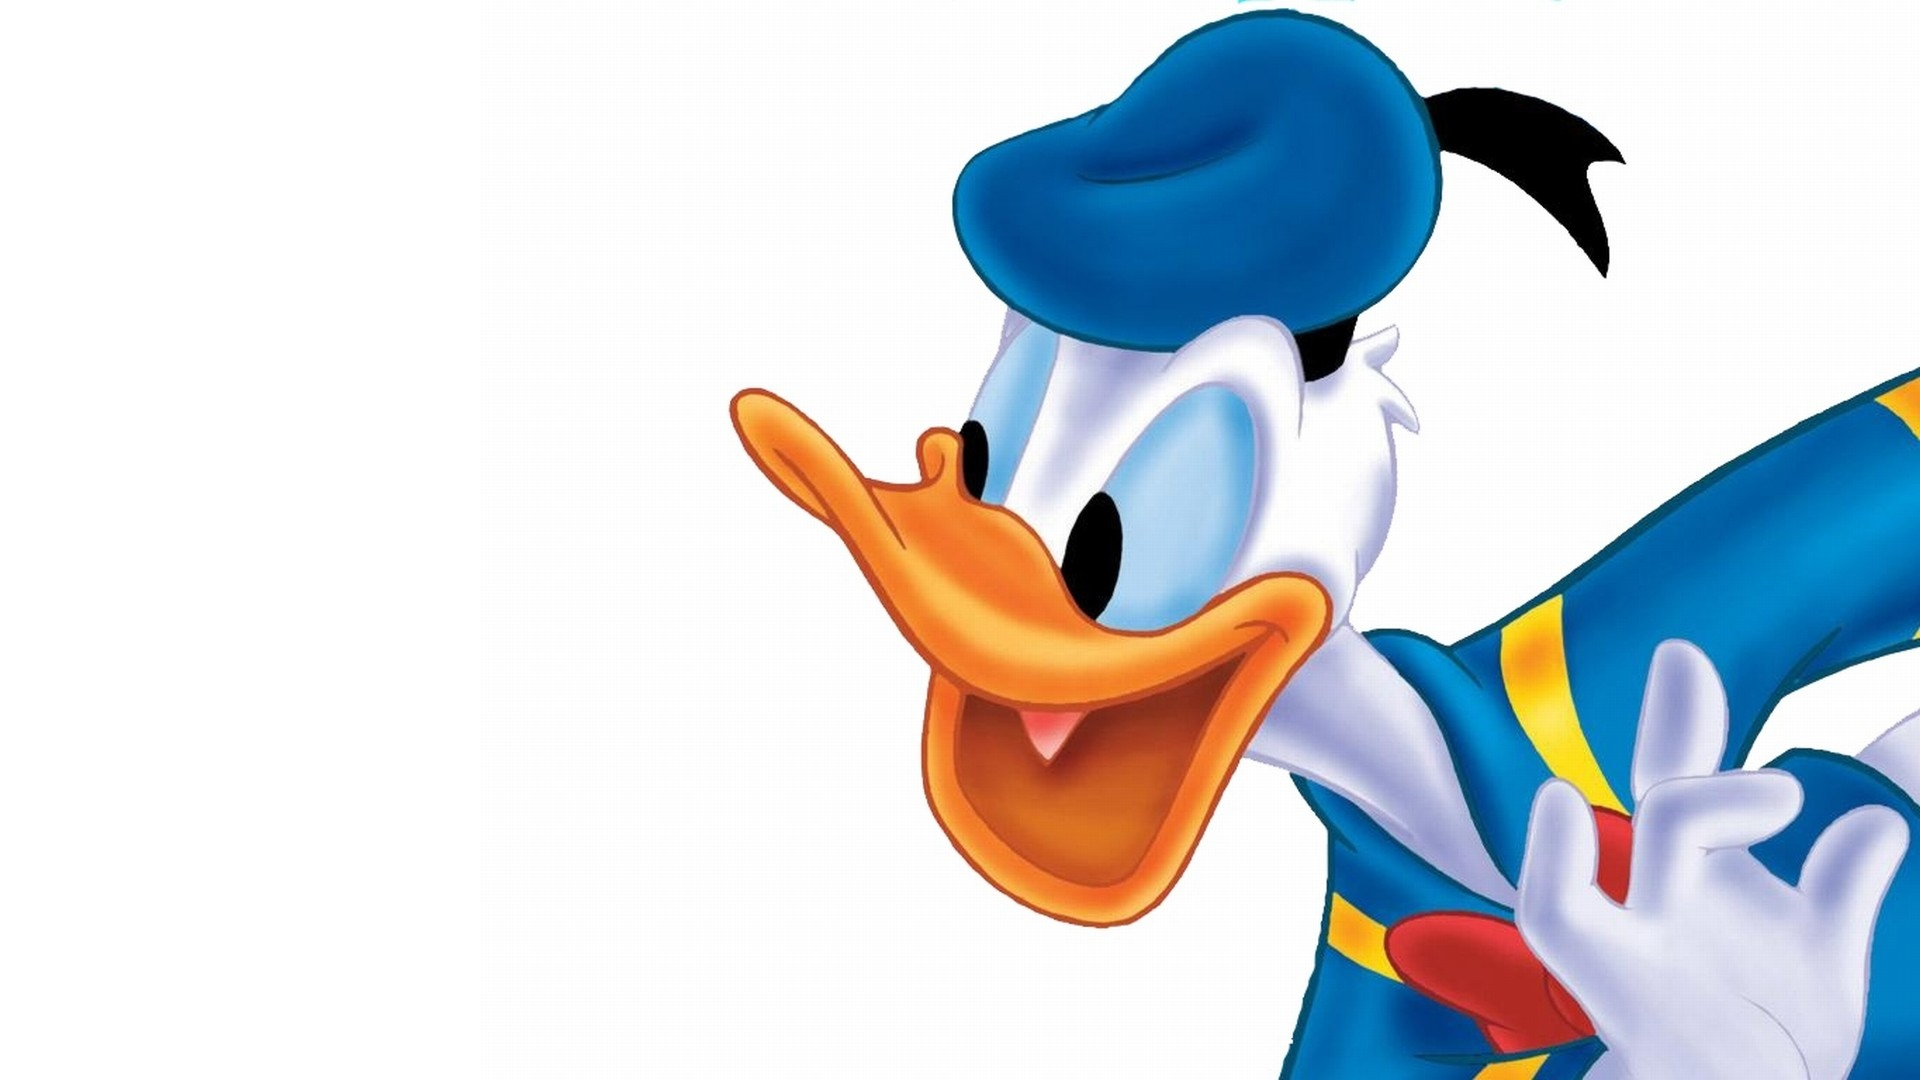 Assassins Creed Wallpaper Hd Fondos De Pantalla Del Pato Donald Wallpapers Hd Para